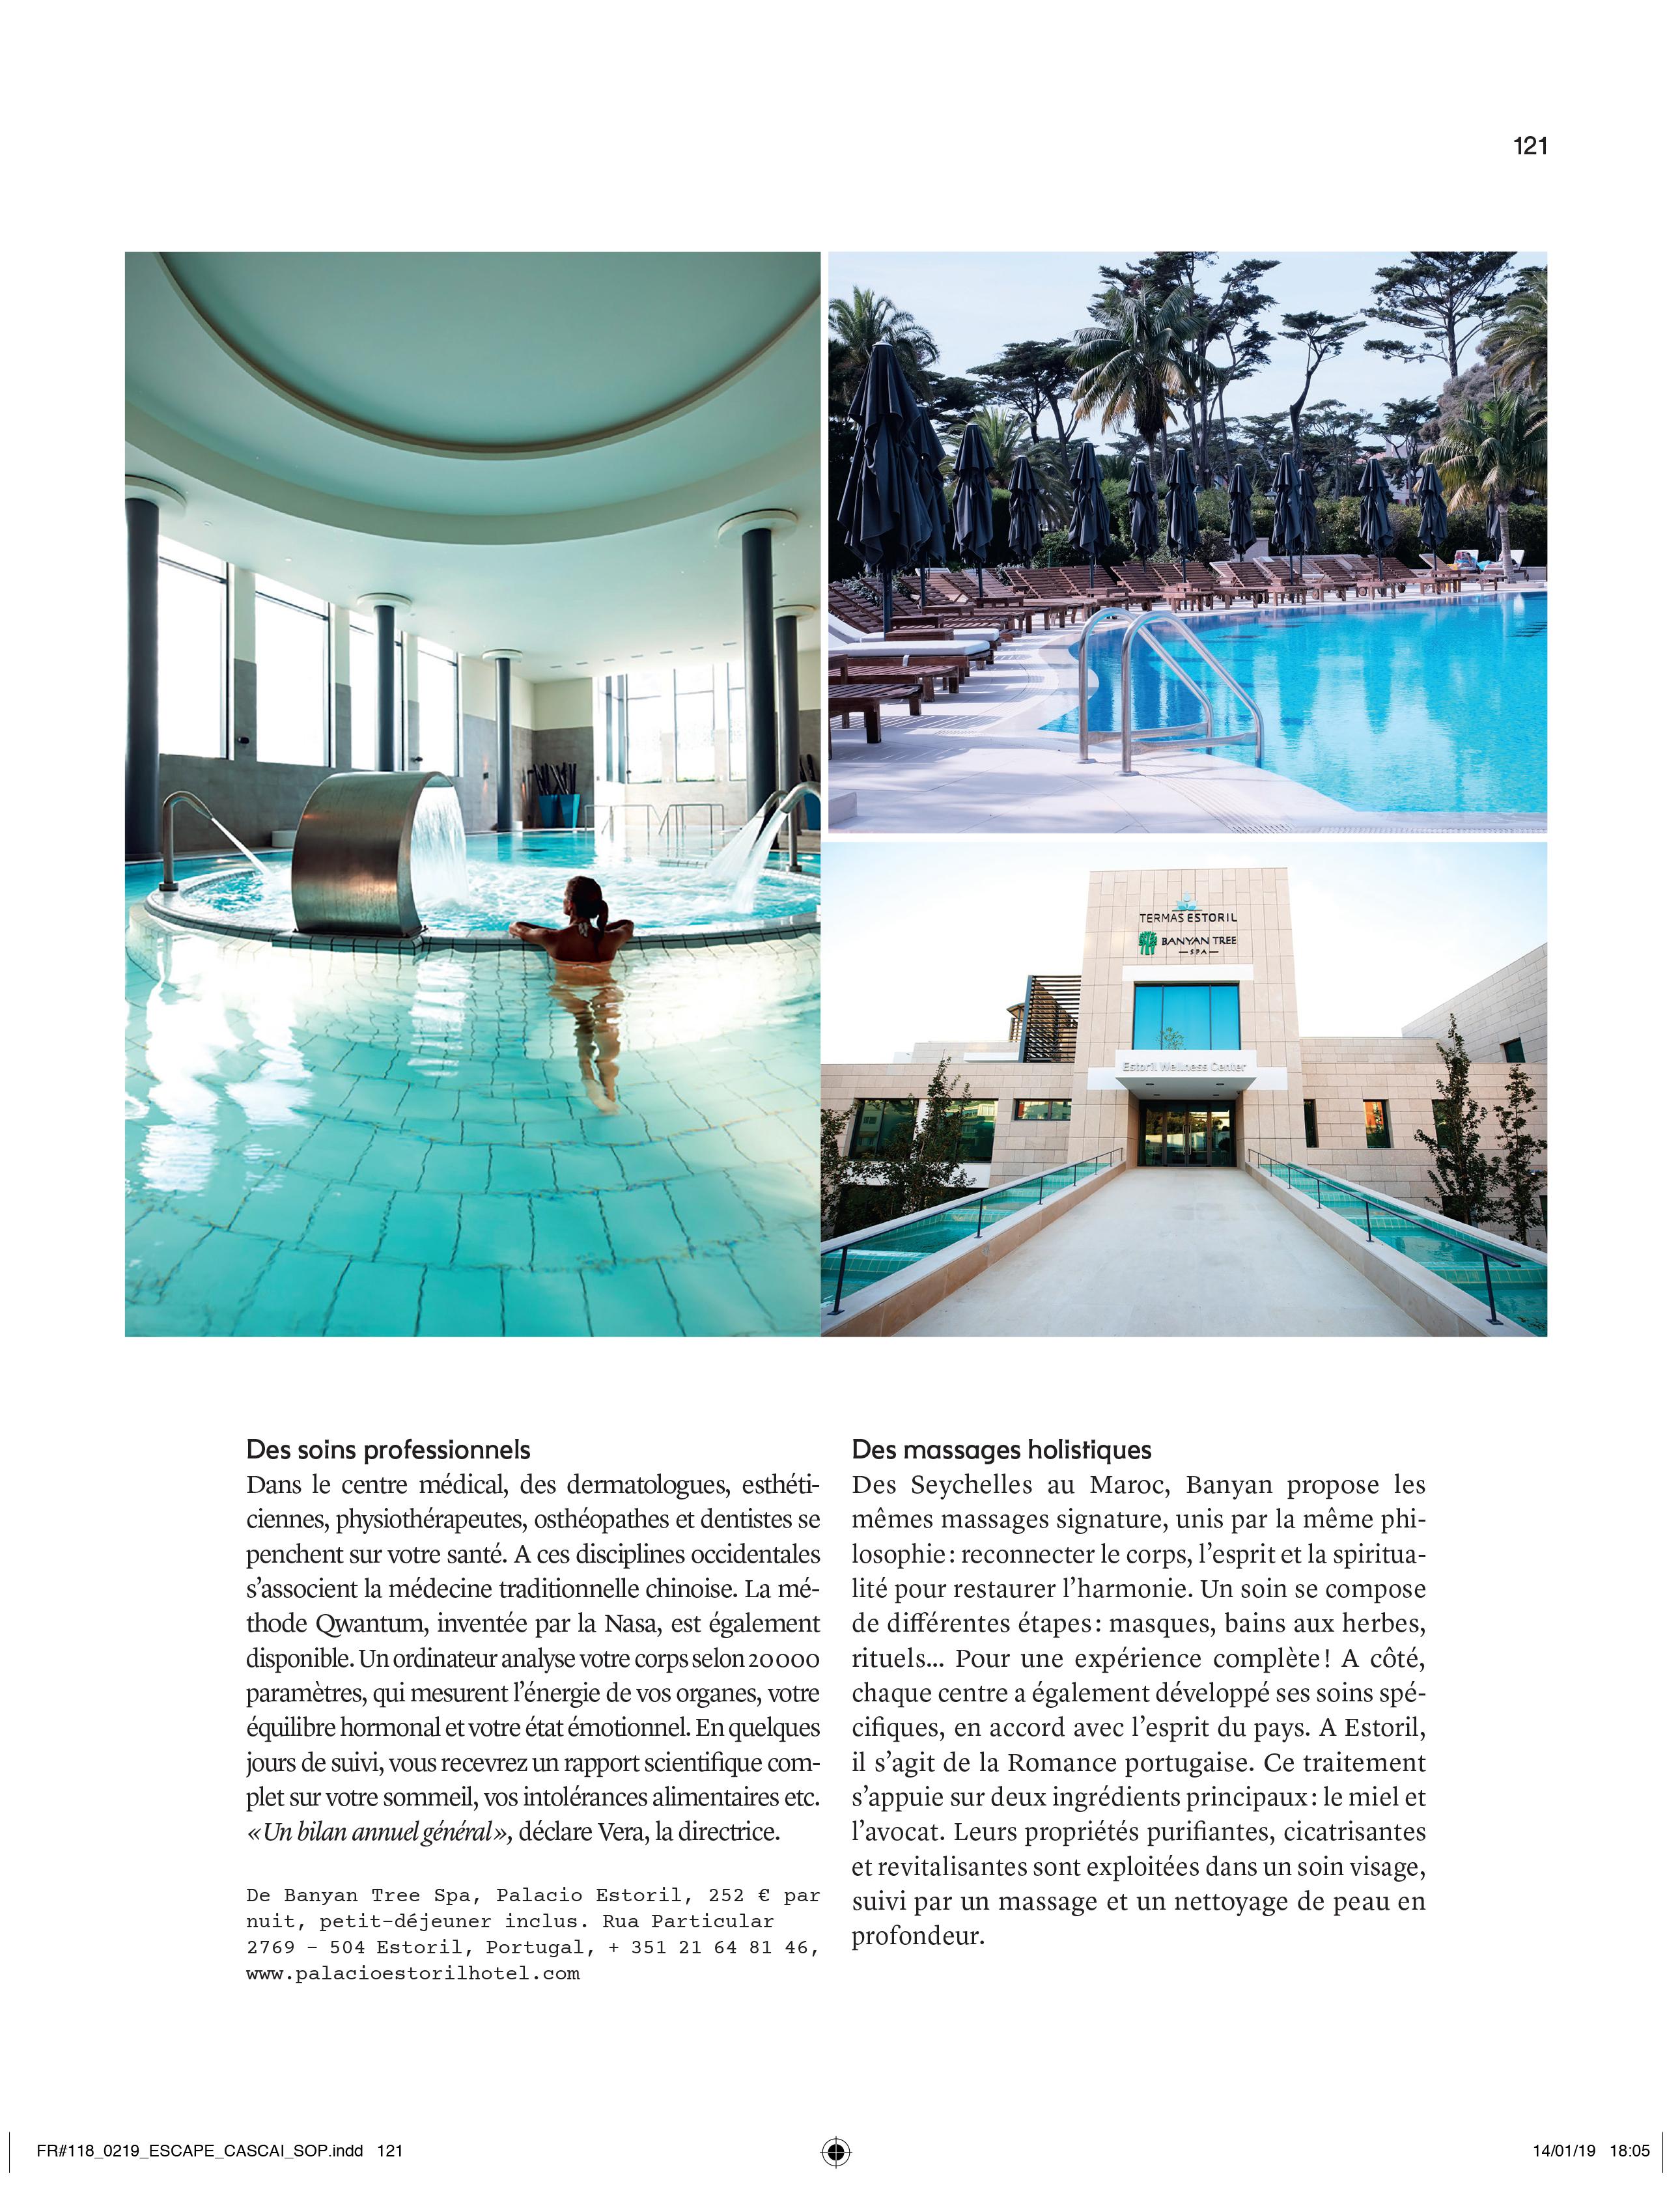 Marie Claire Hotel Palácio Estoril Banyan Tree Spa